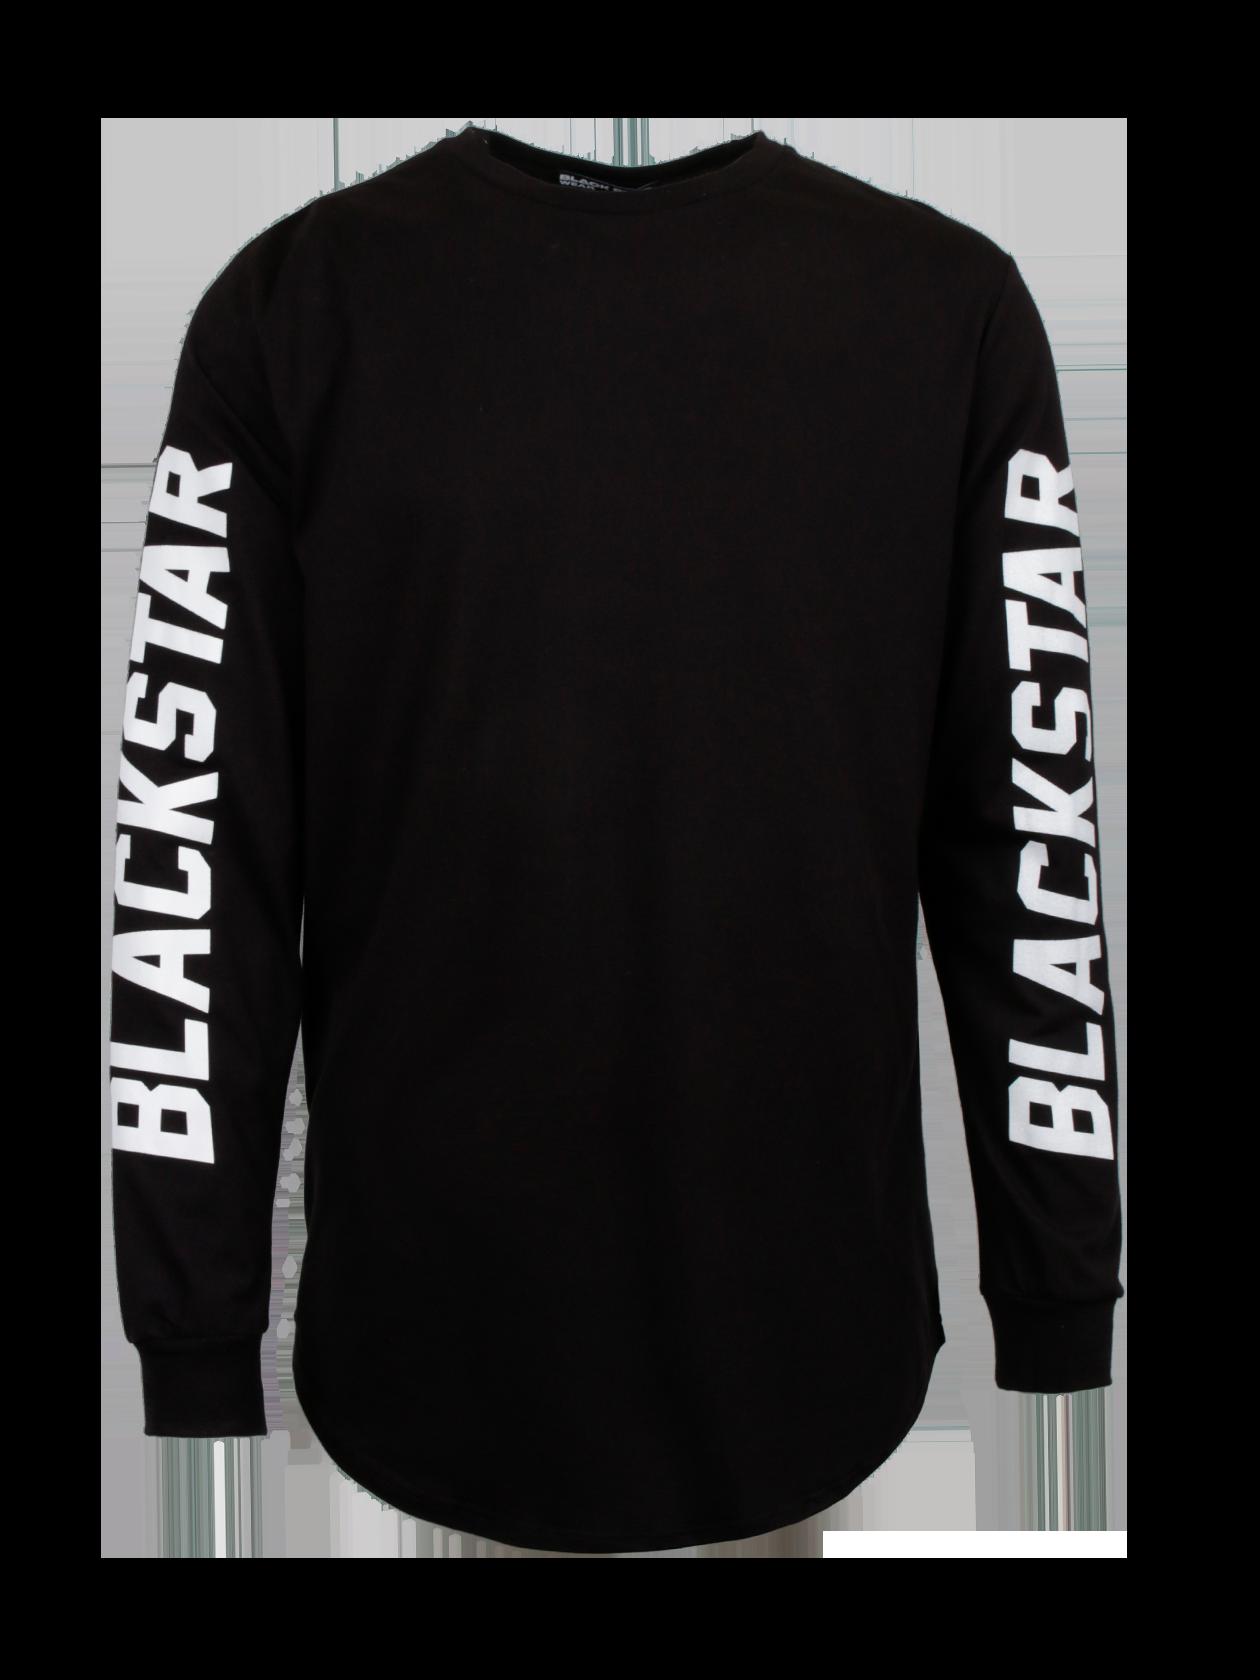 Лонгслив мужской HARAJUKUЛонгслив мужской Harajuku – стильная и комфортная вещь от бренда Black Star Wear. Традиционный прямой свободный крой, удлиненный силуэт, закругленная форма низа. Линия соединения плеча с рукавом слегка опущена, манжеты оформлены гофрированным фиксирующим трикотажем. Модель выполнена в черном цвете, дополнена белыми надписями Black Star на рукавах. Особенность изделия заключается в материале пошива – элитном натуральном хлопке, обеспечивающем износоустойчивость вещи. Отлично подходит для повседневного гардероба.<br><br>Размер: S<br>Цвет: Черный<br>Пол: Мужской